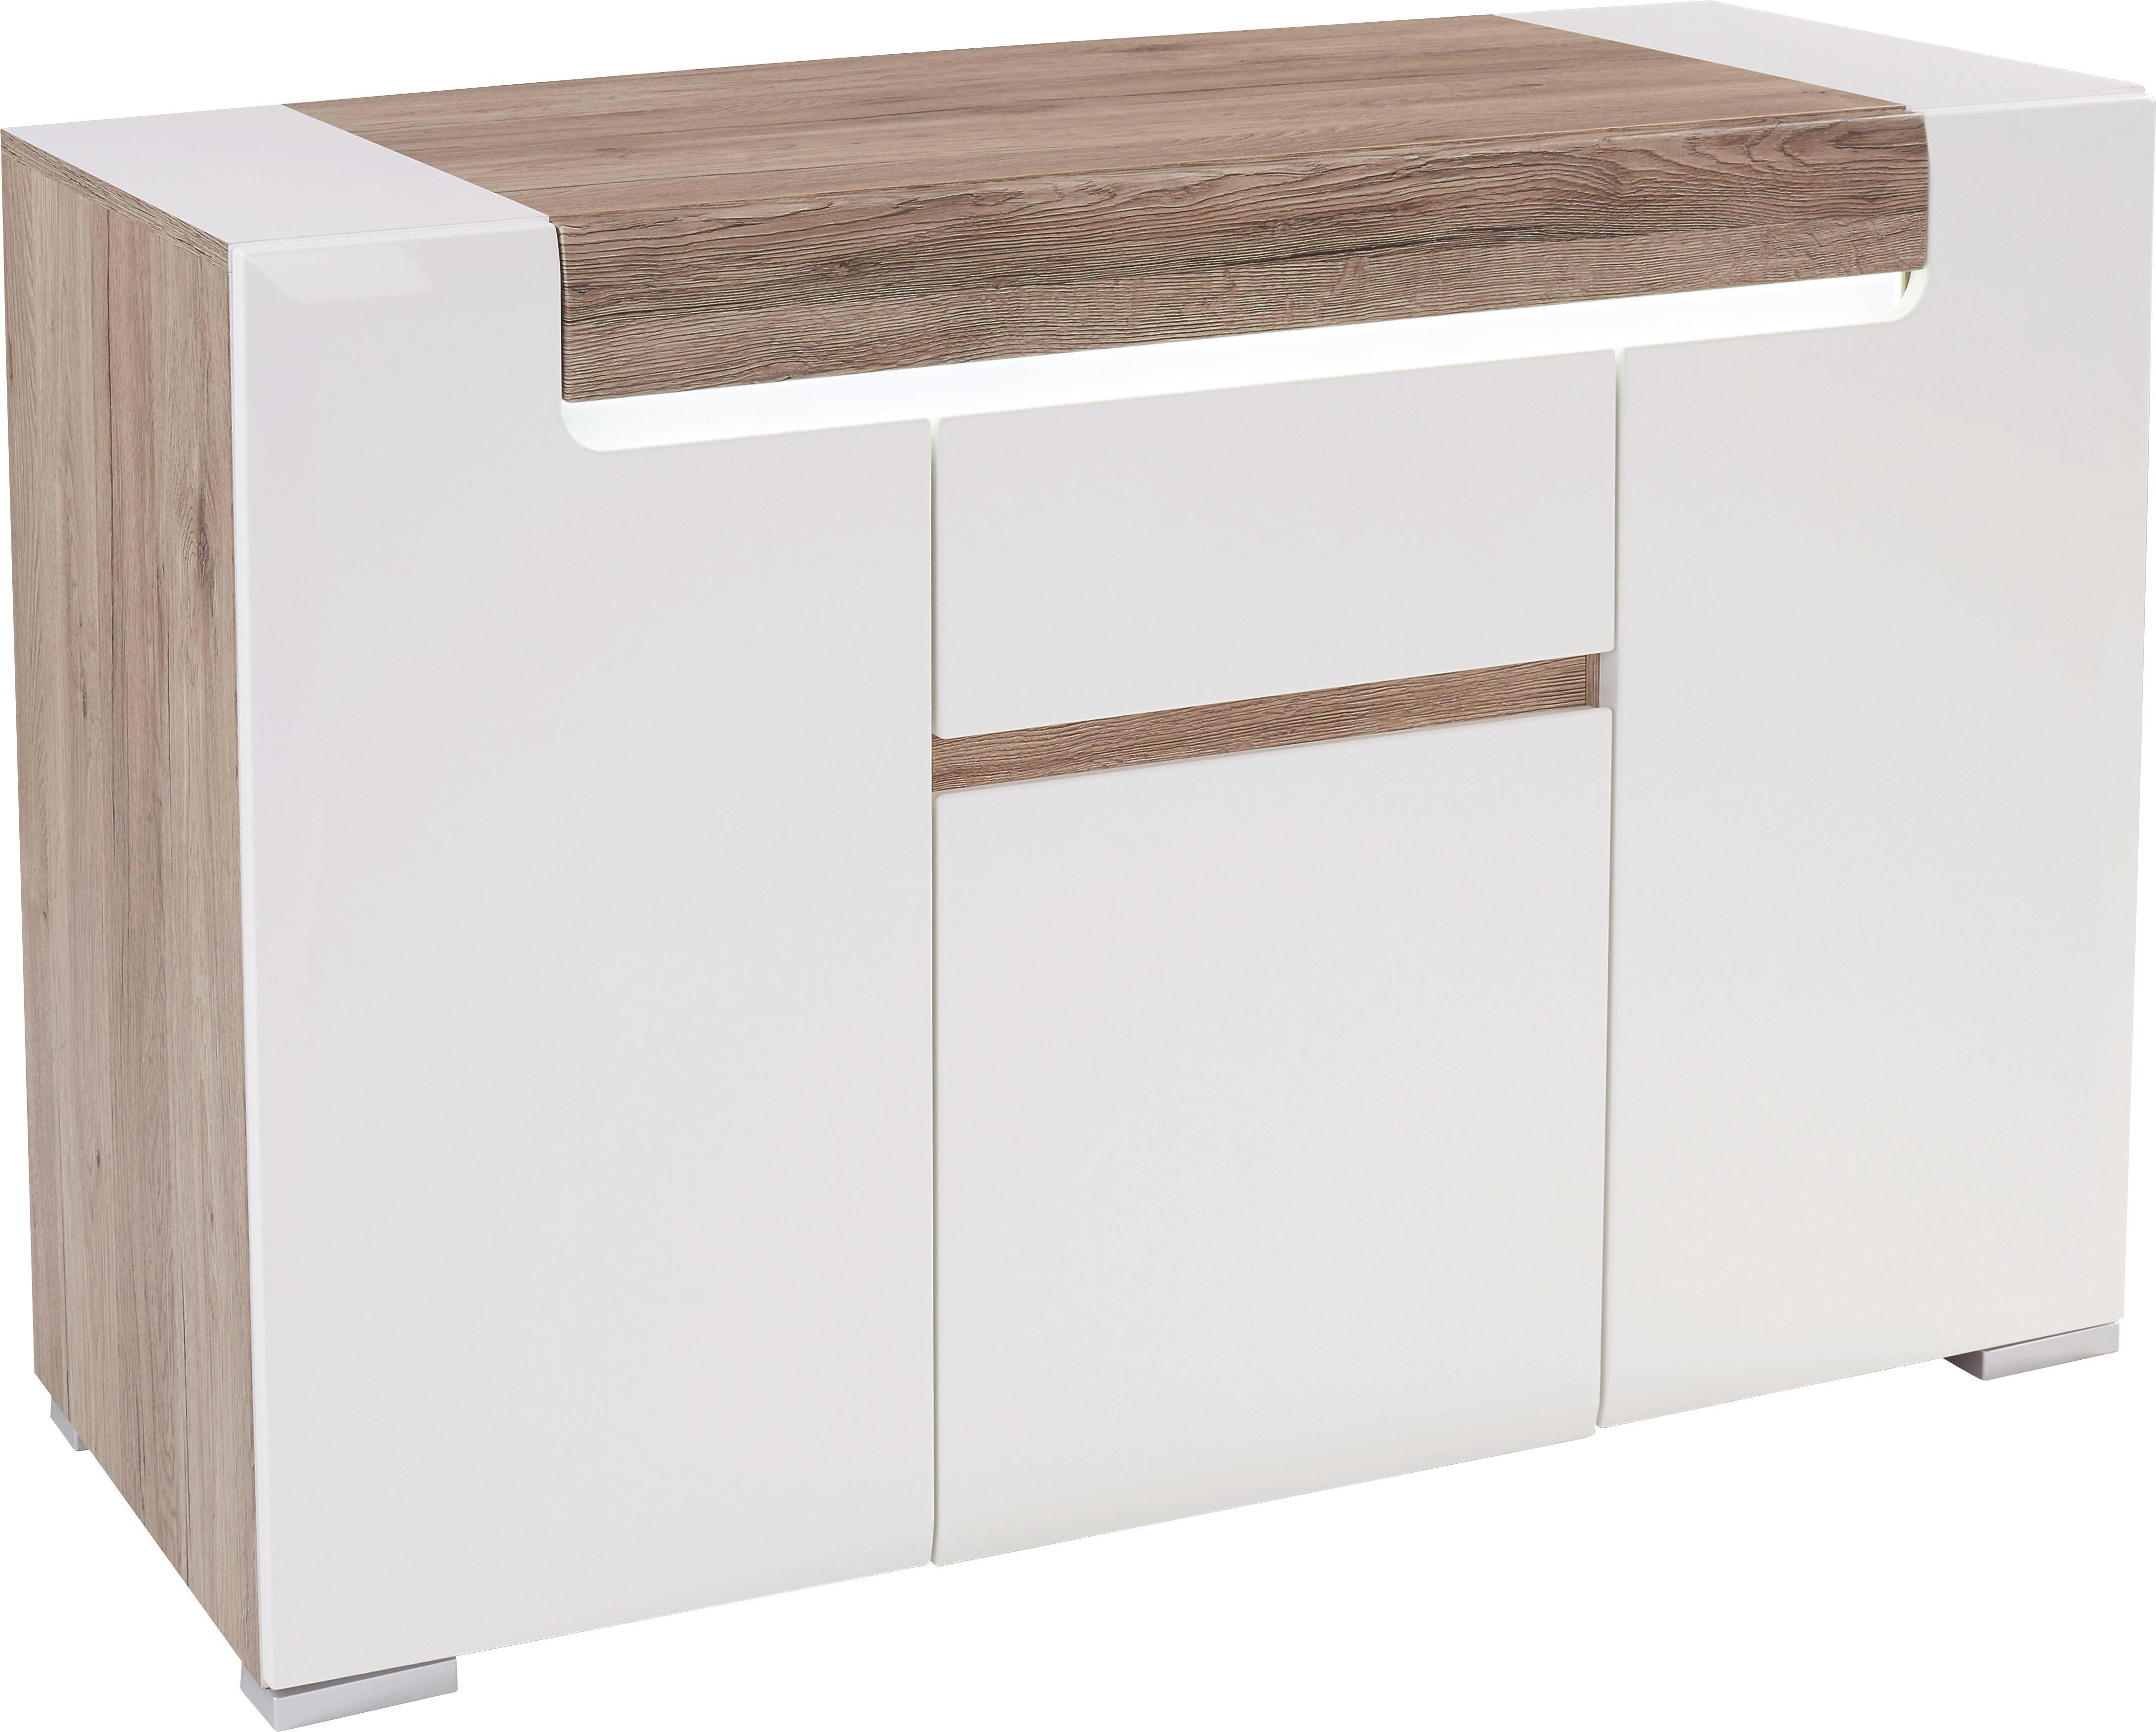 Tálalószekrény Toronto - tölgy színű/fehér, modern, faanyagok (140/85/42,2cm) - OMBRA